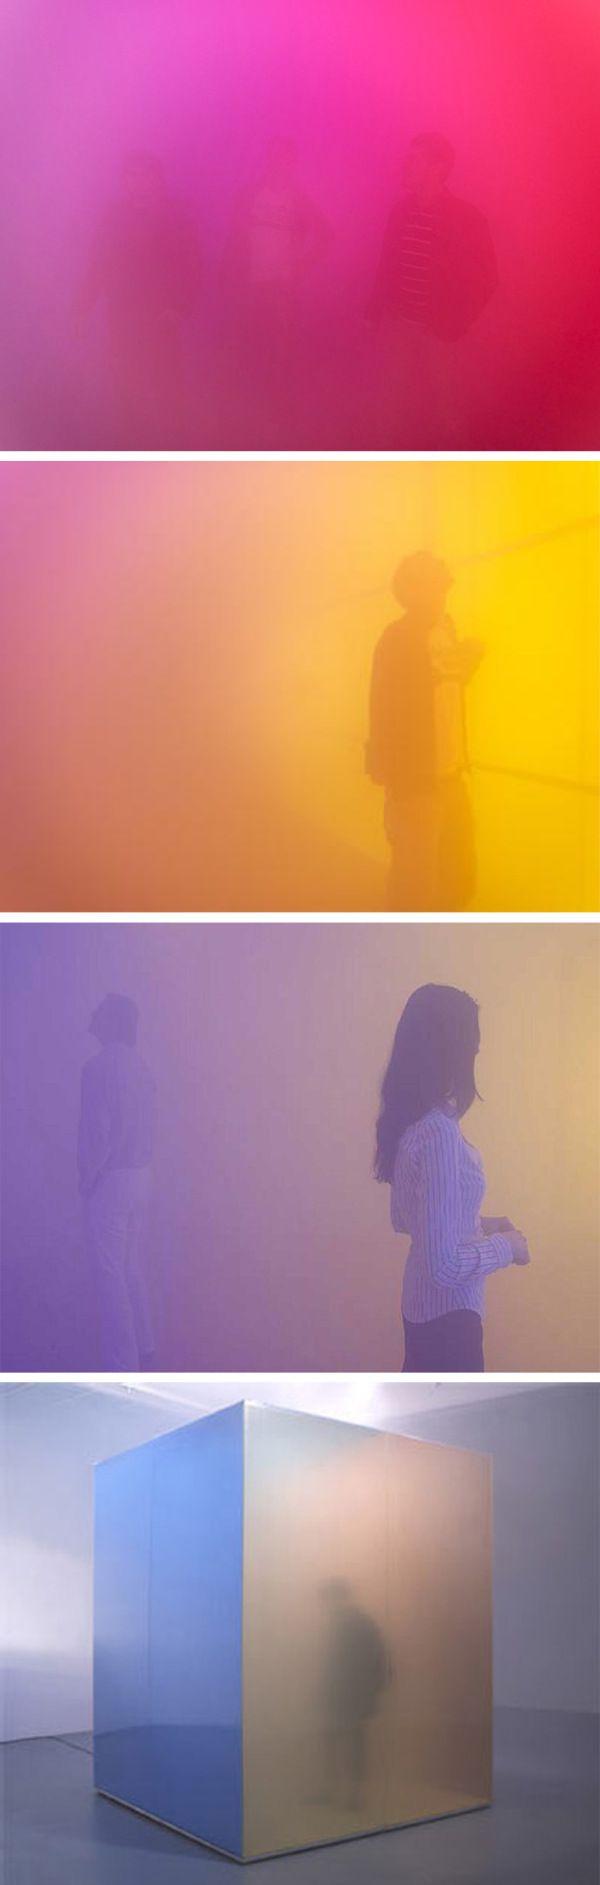 Artist Ann Veronica Janssens: Spacial Temporal Experience with Fog Empieza a preocuparme un poco lo calada que me tiene pinterest seleccionando cosas para mí...